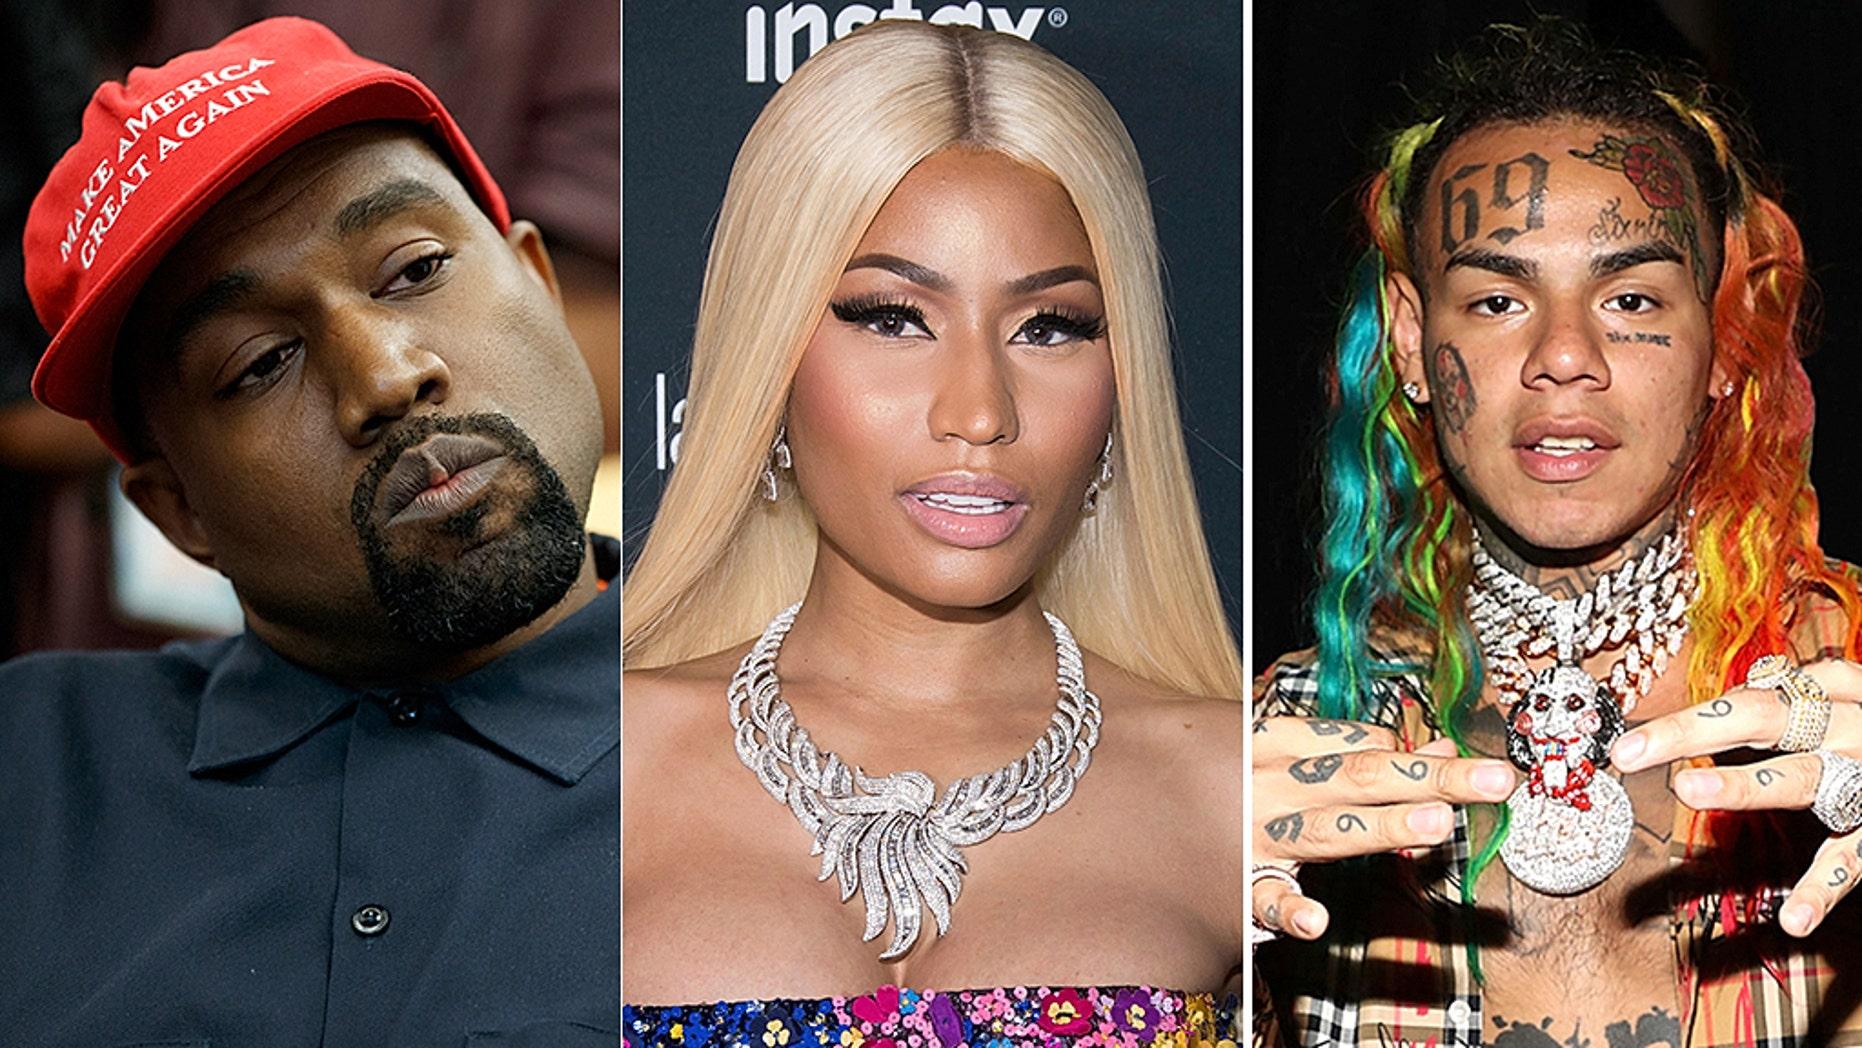 Kanye West, Nicki Minaj and Tekashi 6ix9ine were filming a music video when a shooting occurred.